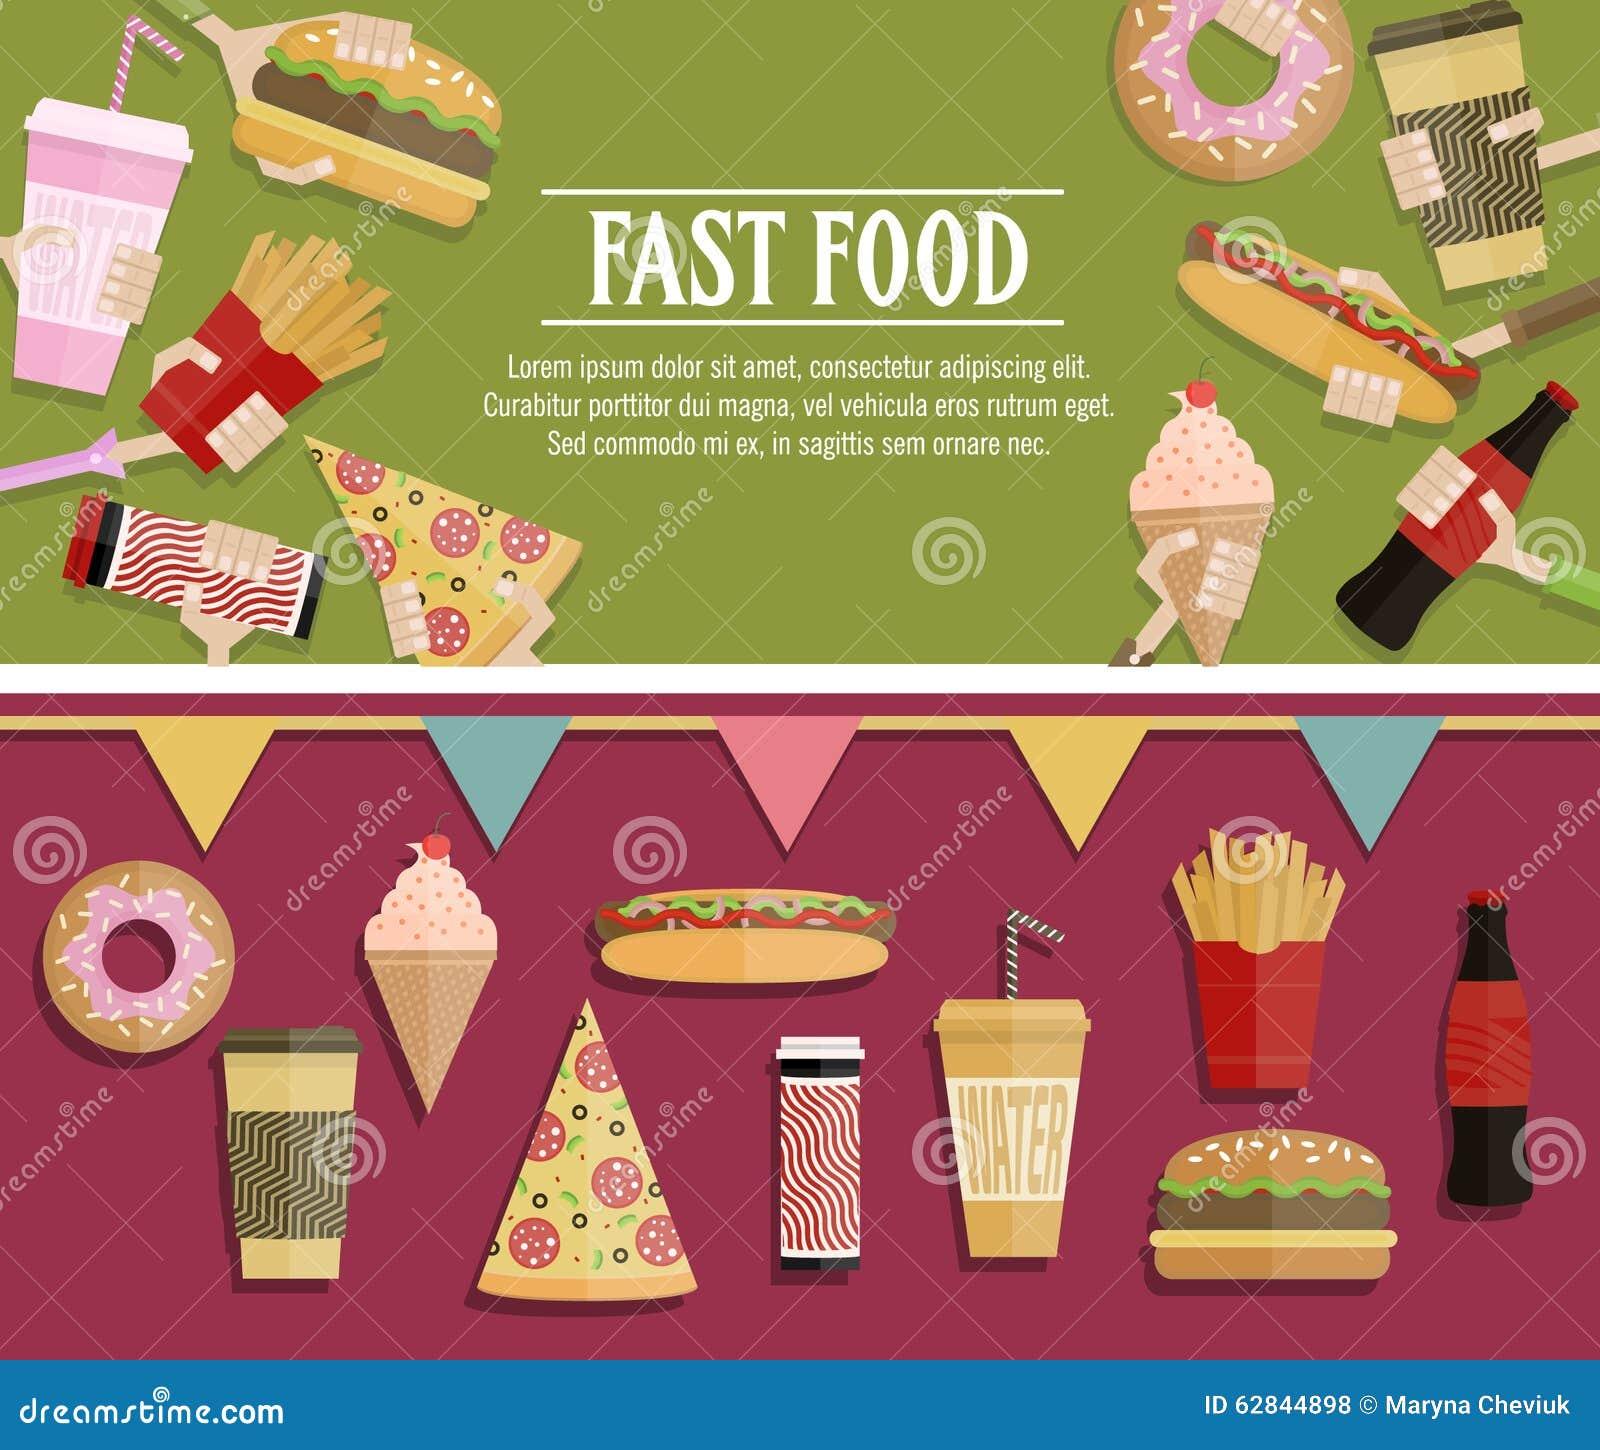 Popular Food Web Banner Flat Design Festival Poster